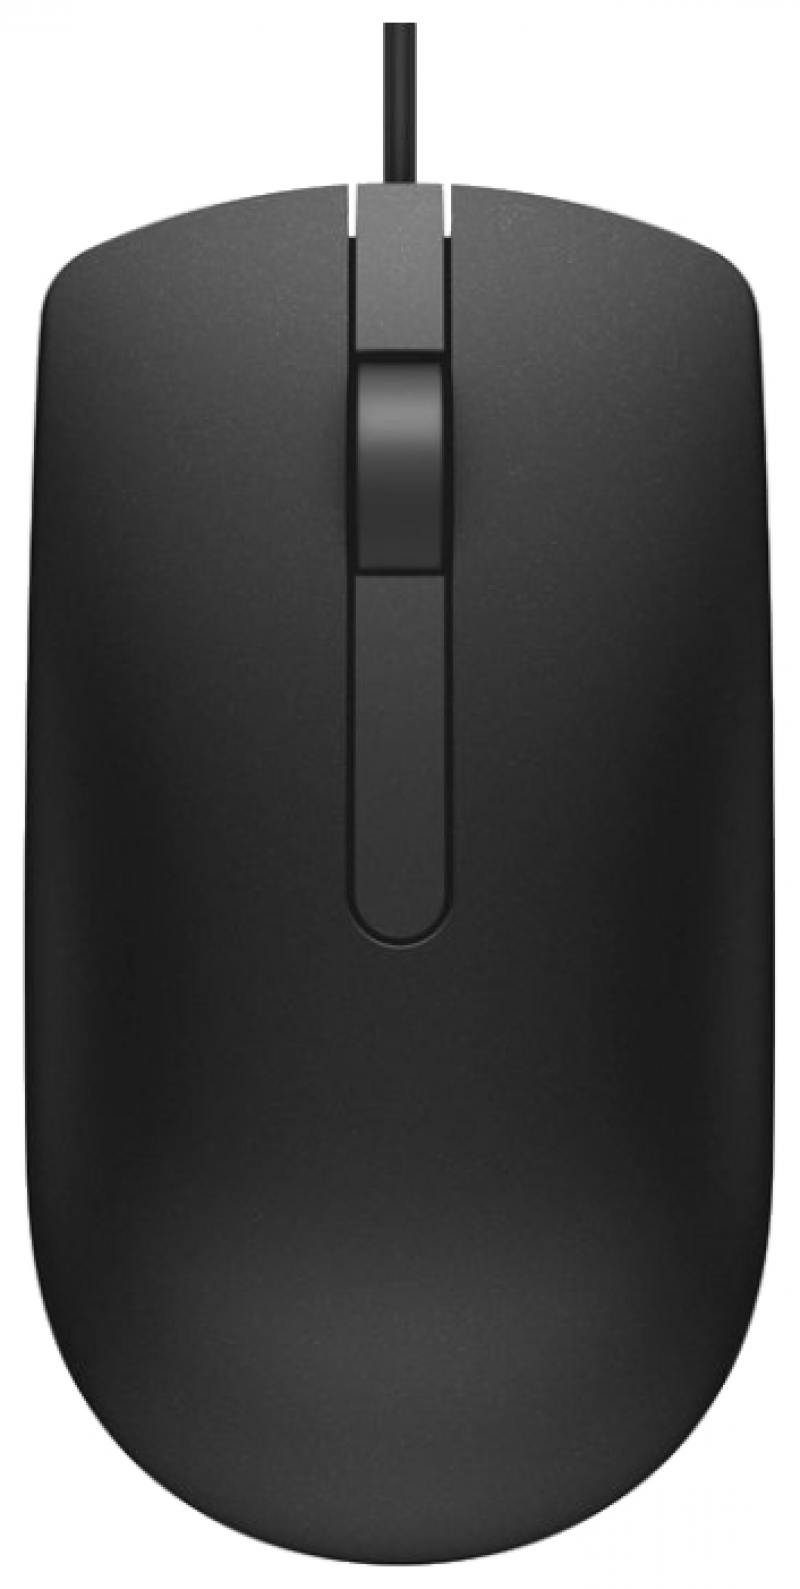 Мышь Dell MS116 Black USB проводная, оптическая, 1000 dpi, 2 кнопки + колесо цены онлайн